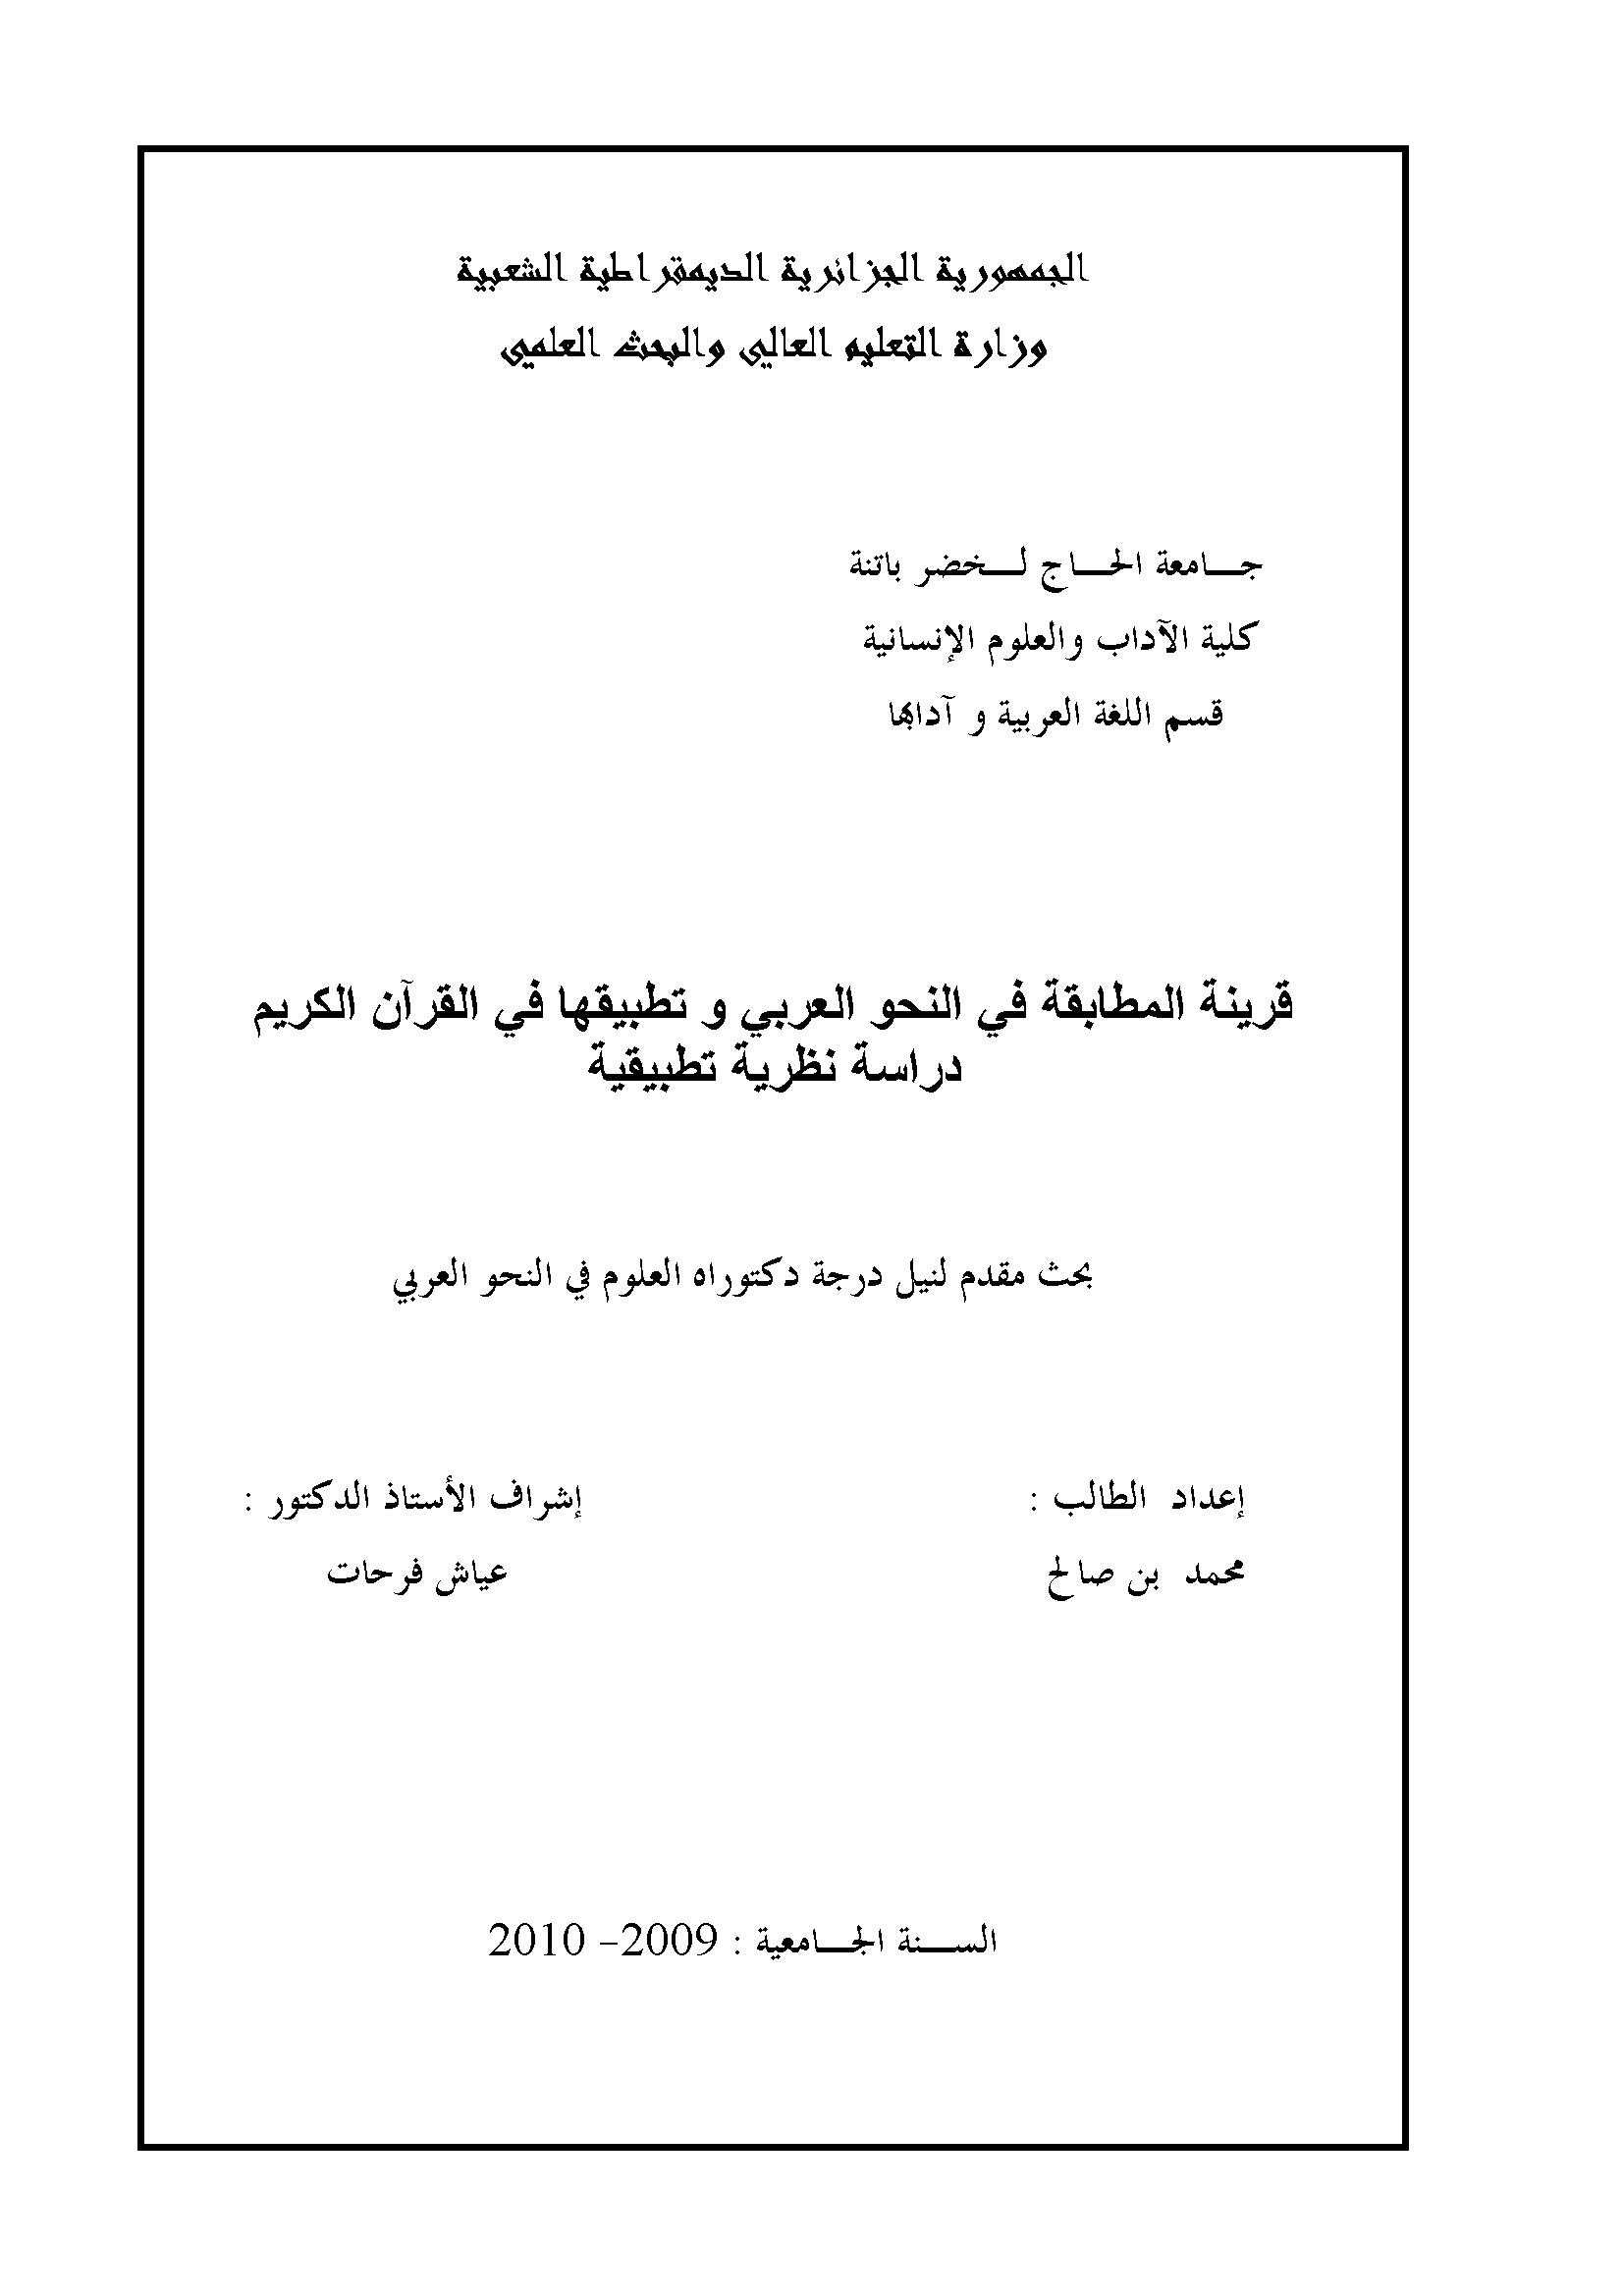 تحميل كتاب قرينة المطابقة في النحو العربي وتطبيقها في القرآن الكريم (دراسة نظرية تطبيقية) لـِ: الدكتور محمد بن صالح